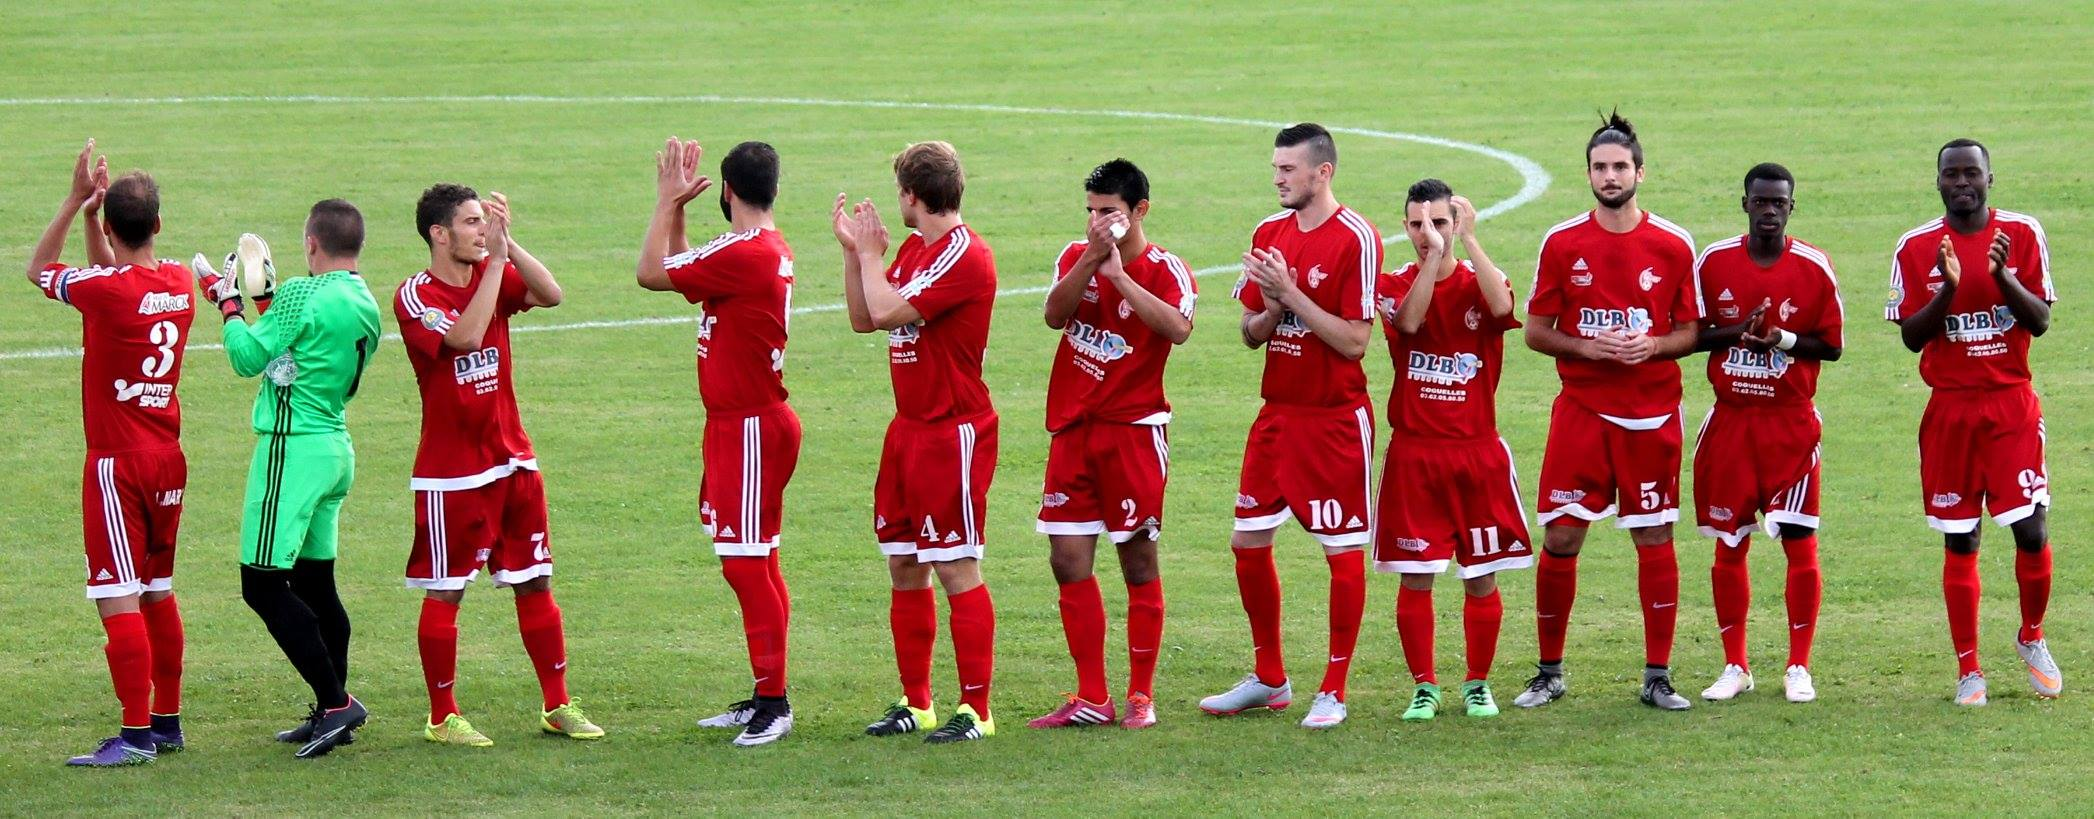 21 août 2012 - Seniors A - match de préparation contre FC Landerneau ...